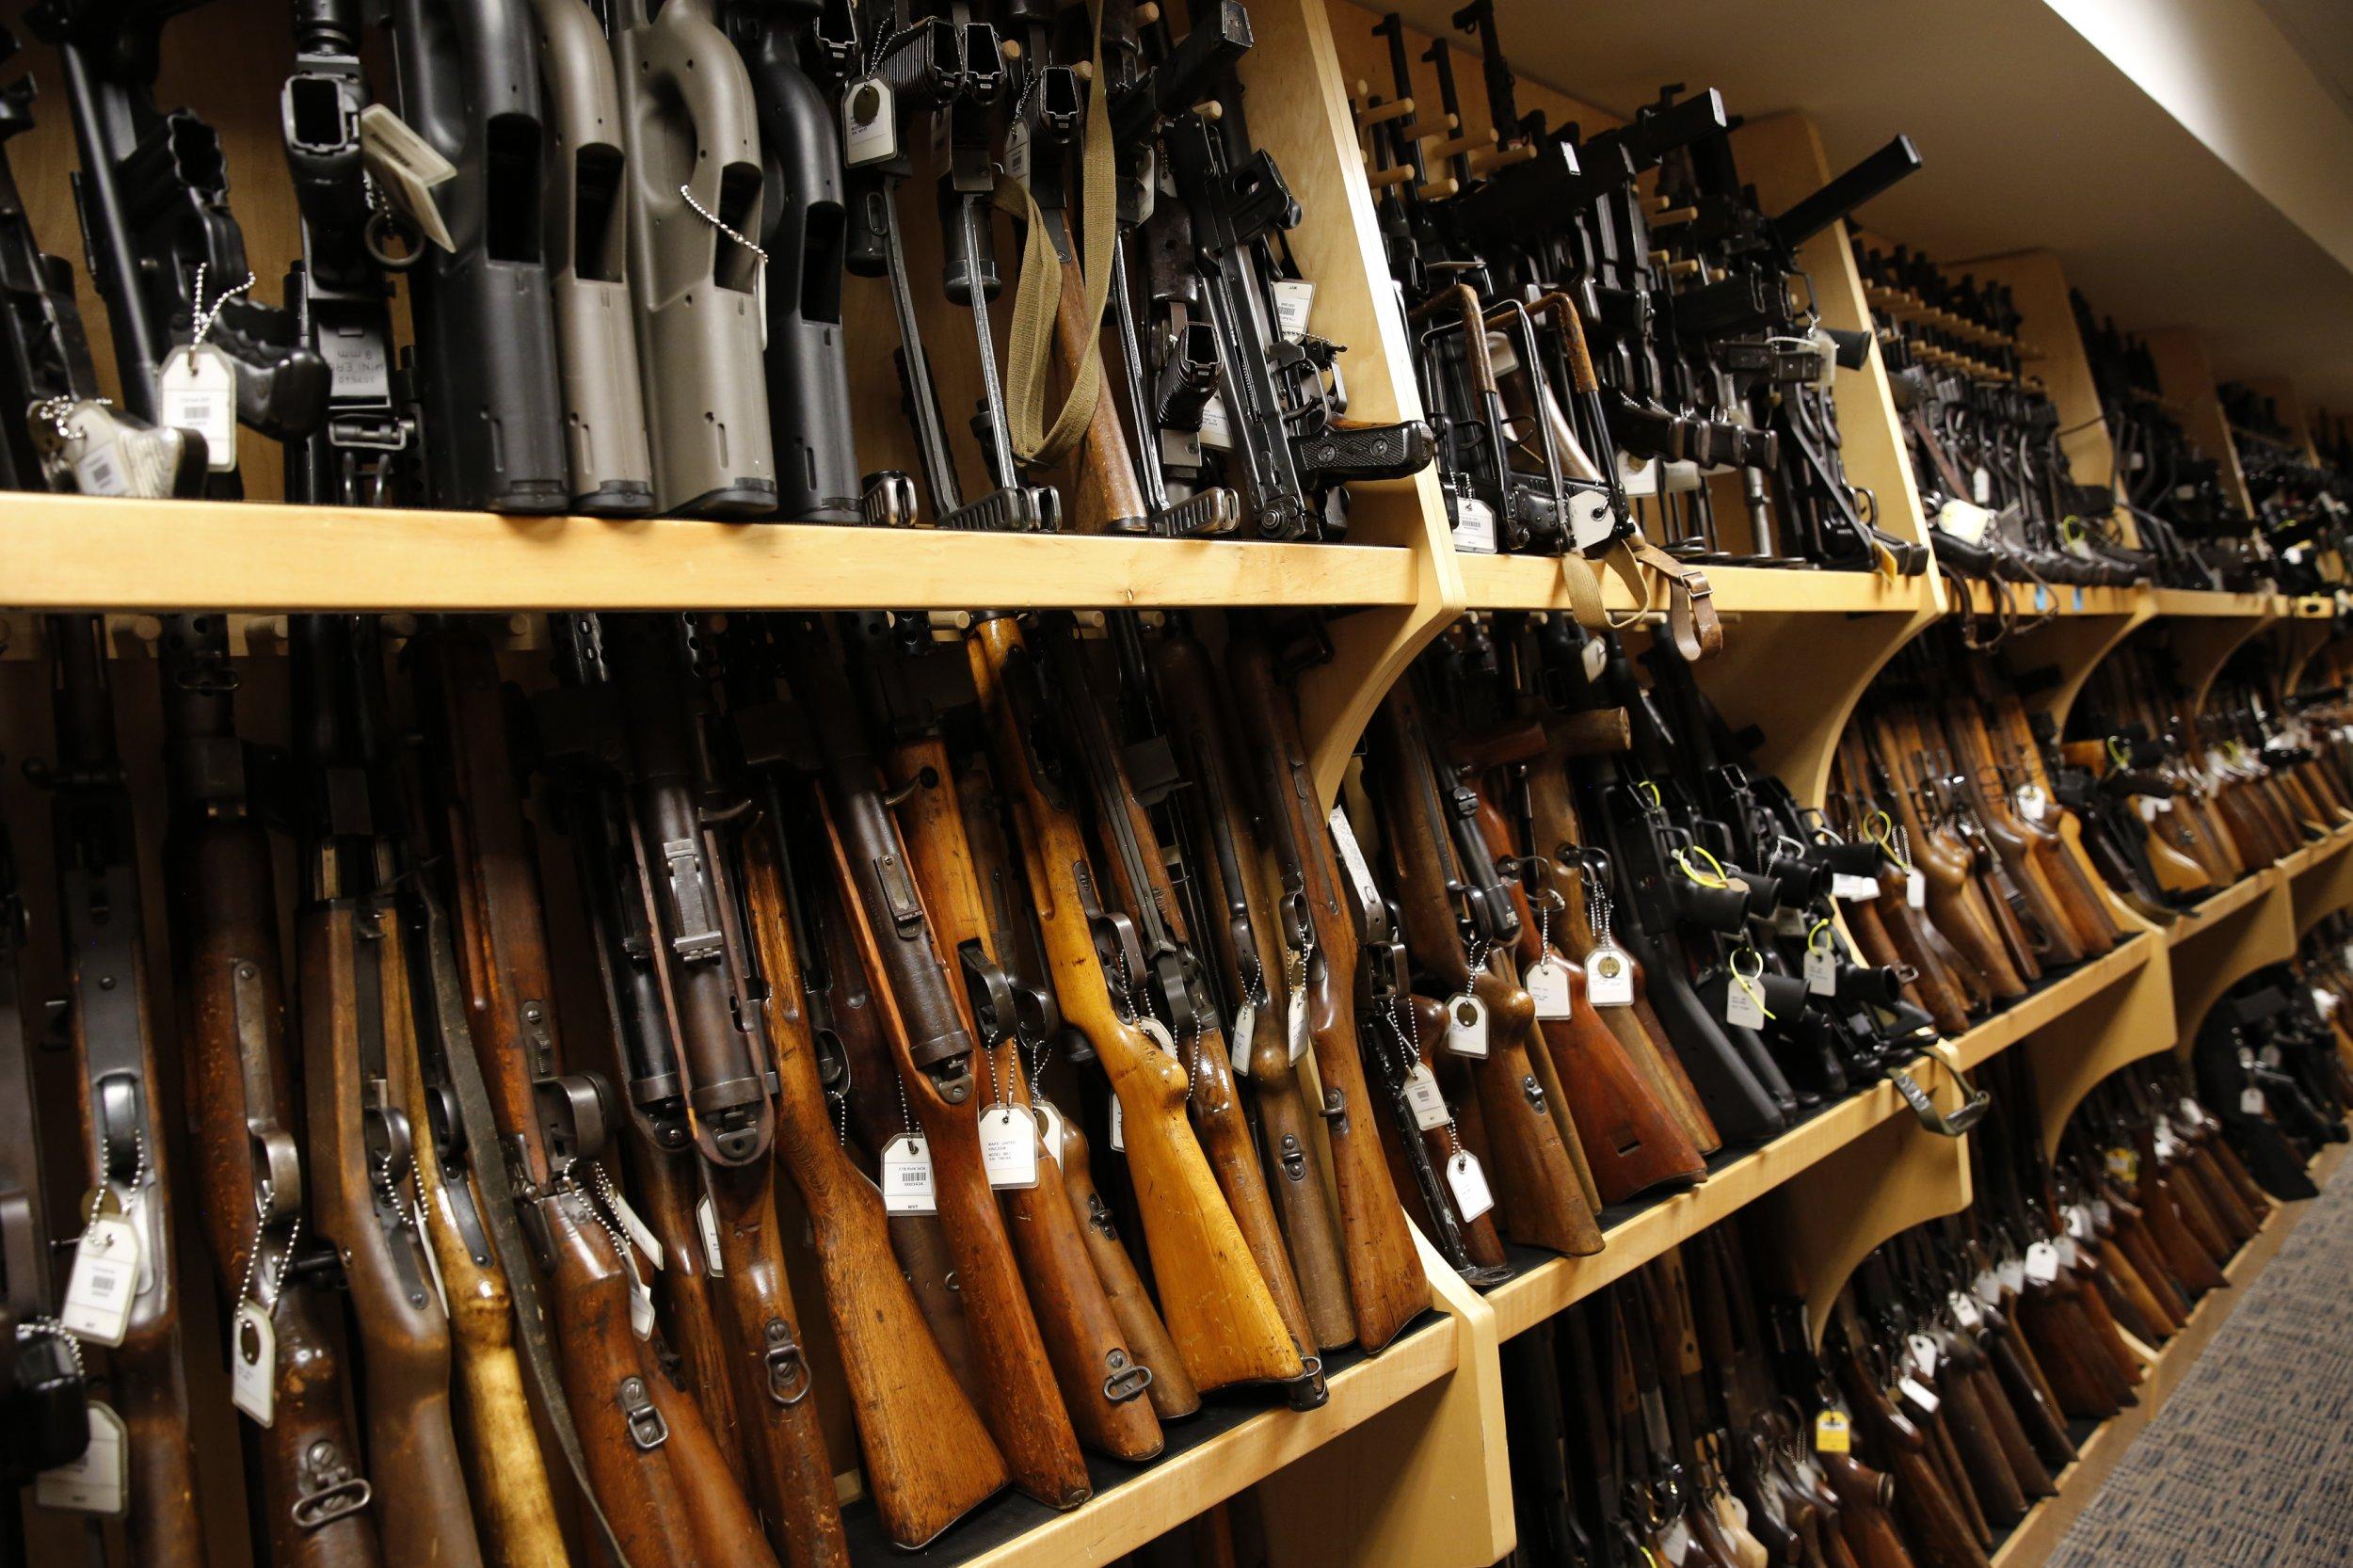 guns-united-states